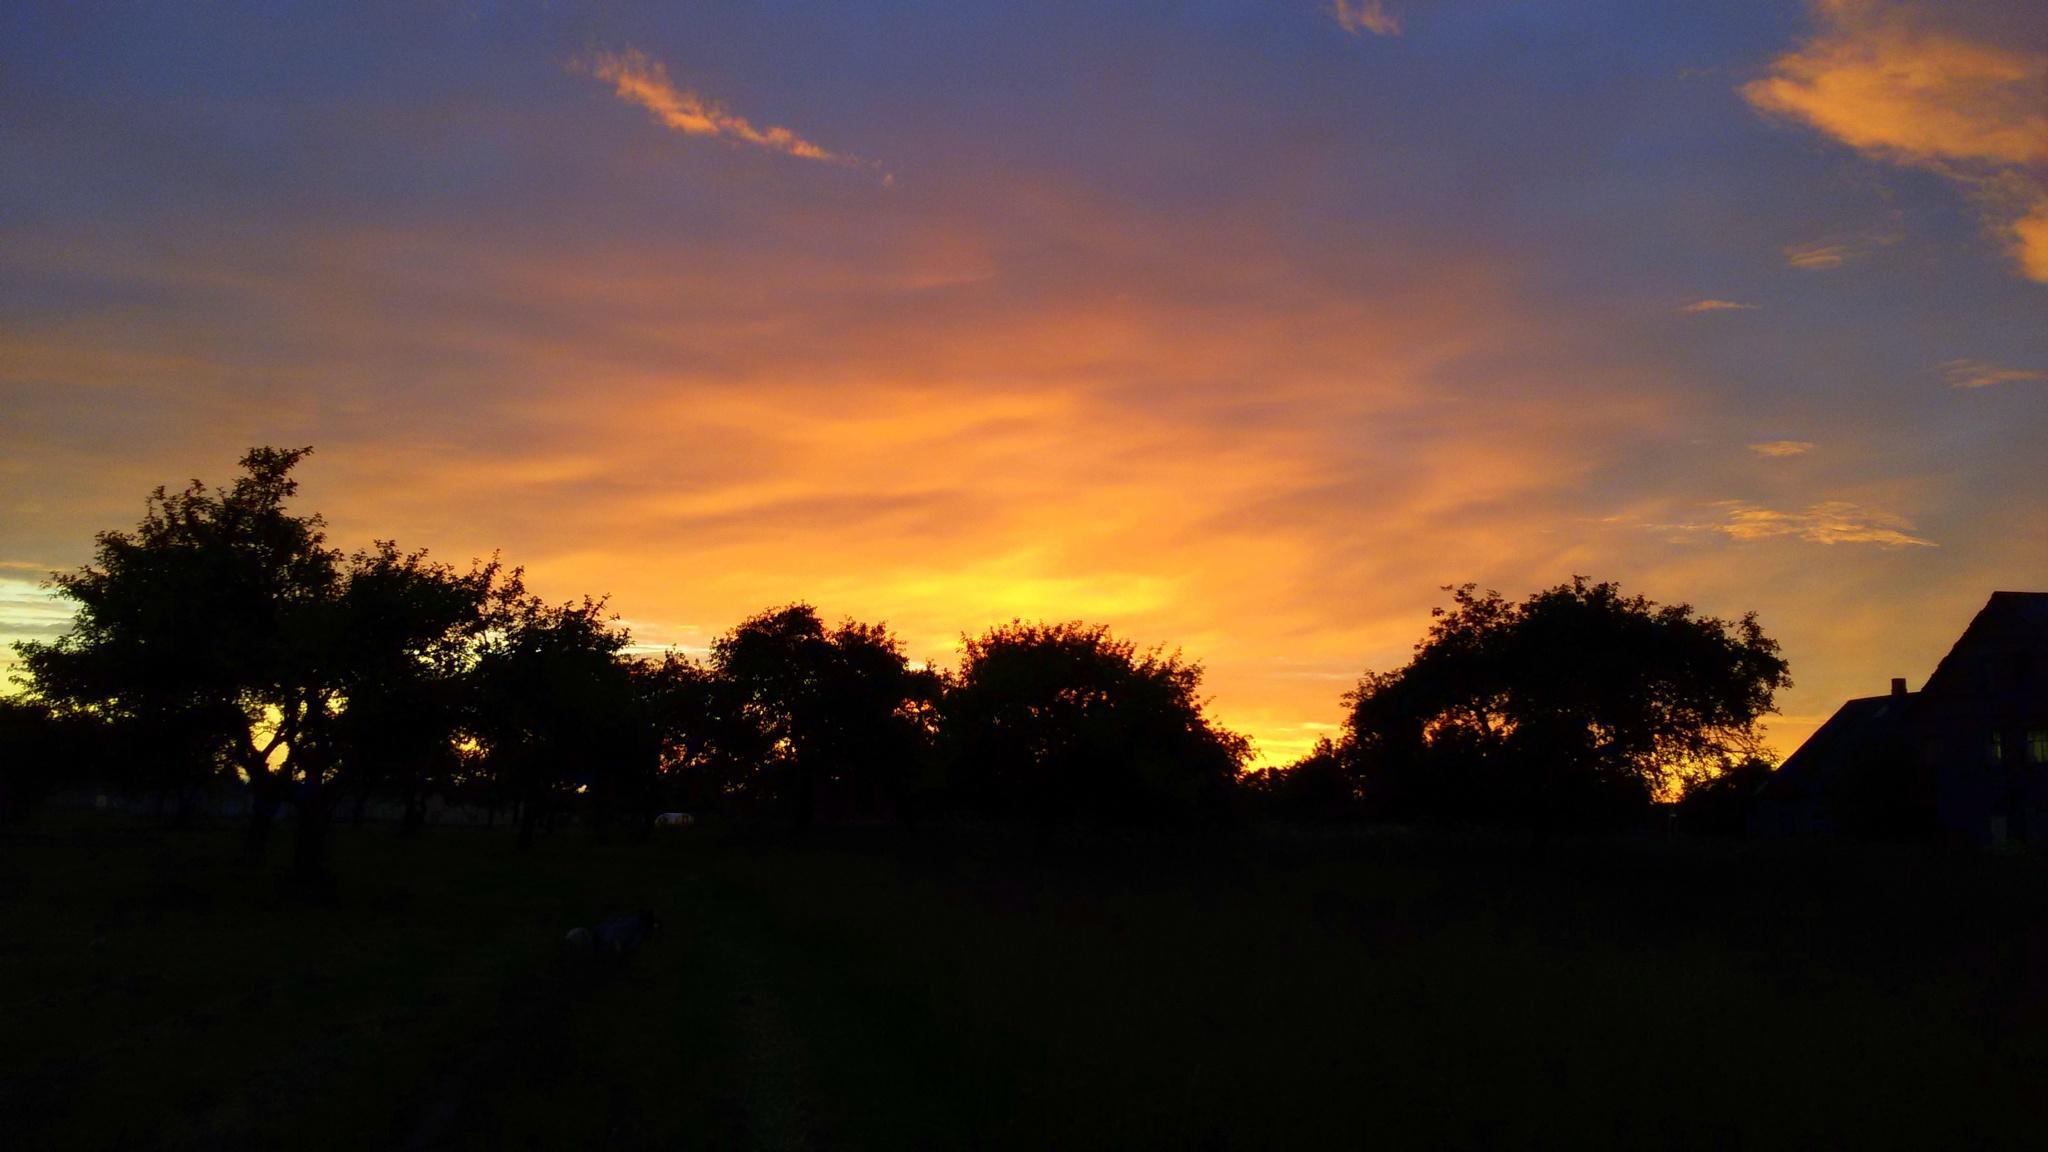 Evening sky by uzkuraitiene62